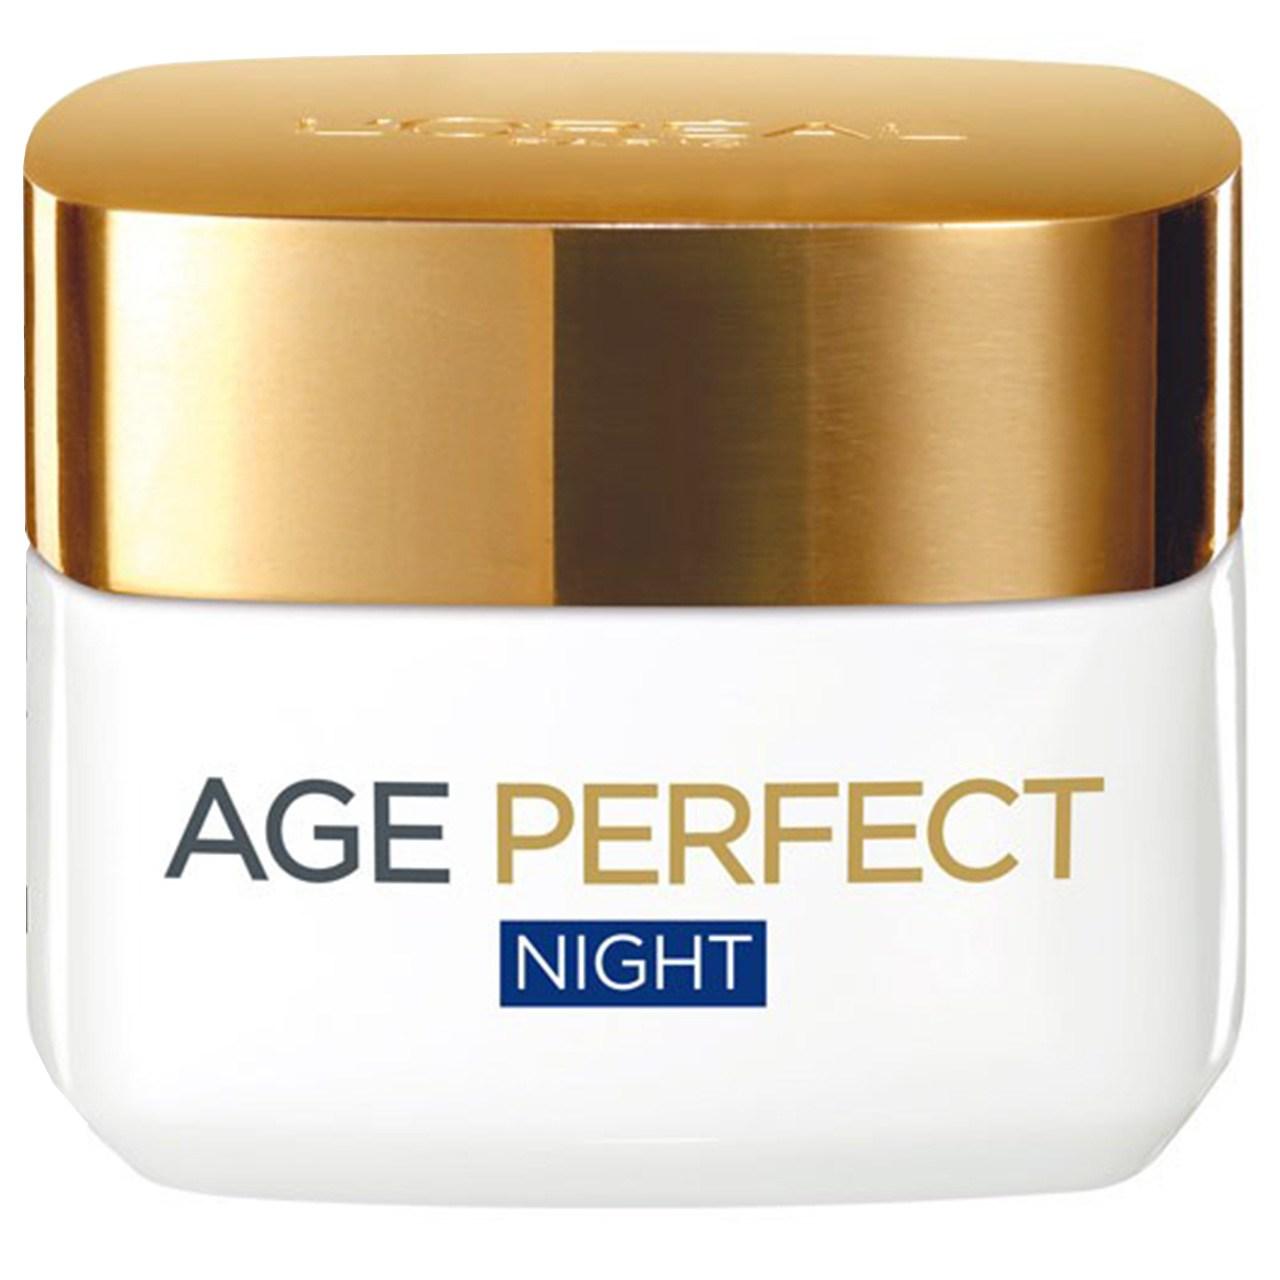 قیمت کرم مرطوب کننده و روشن کننده شب لورآل مدل Age Perfect حجم 50 میلی لیتر